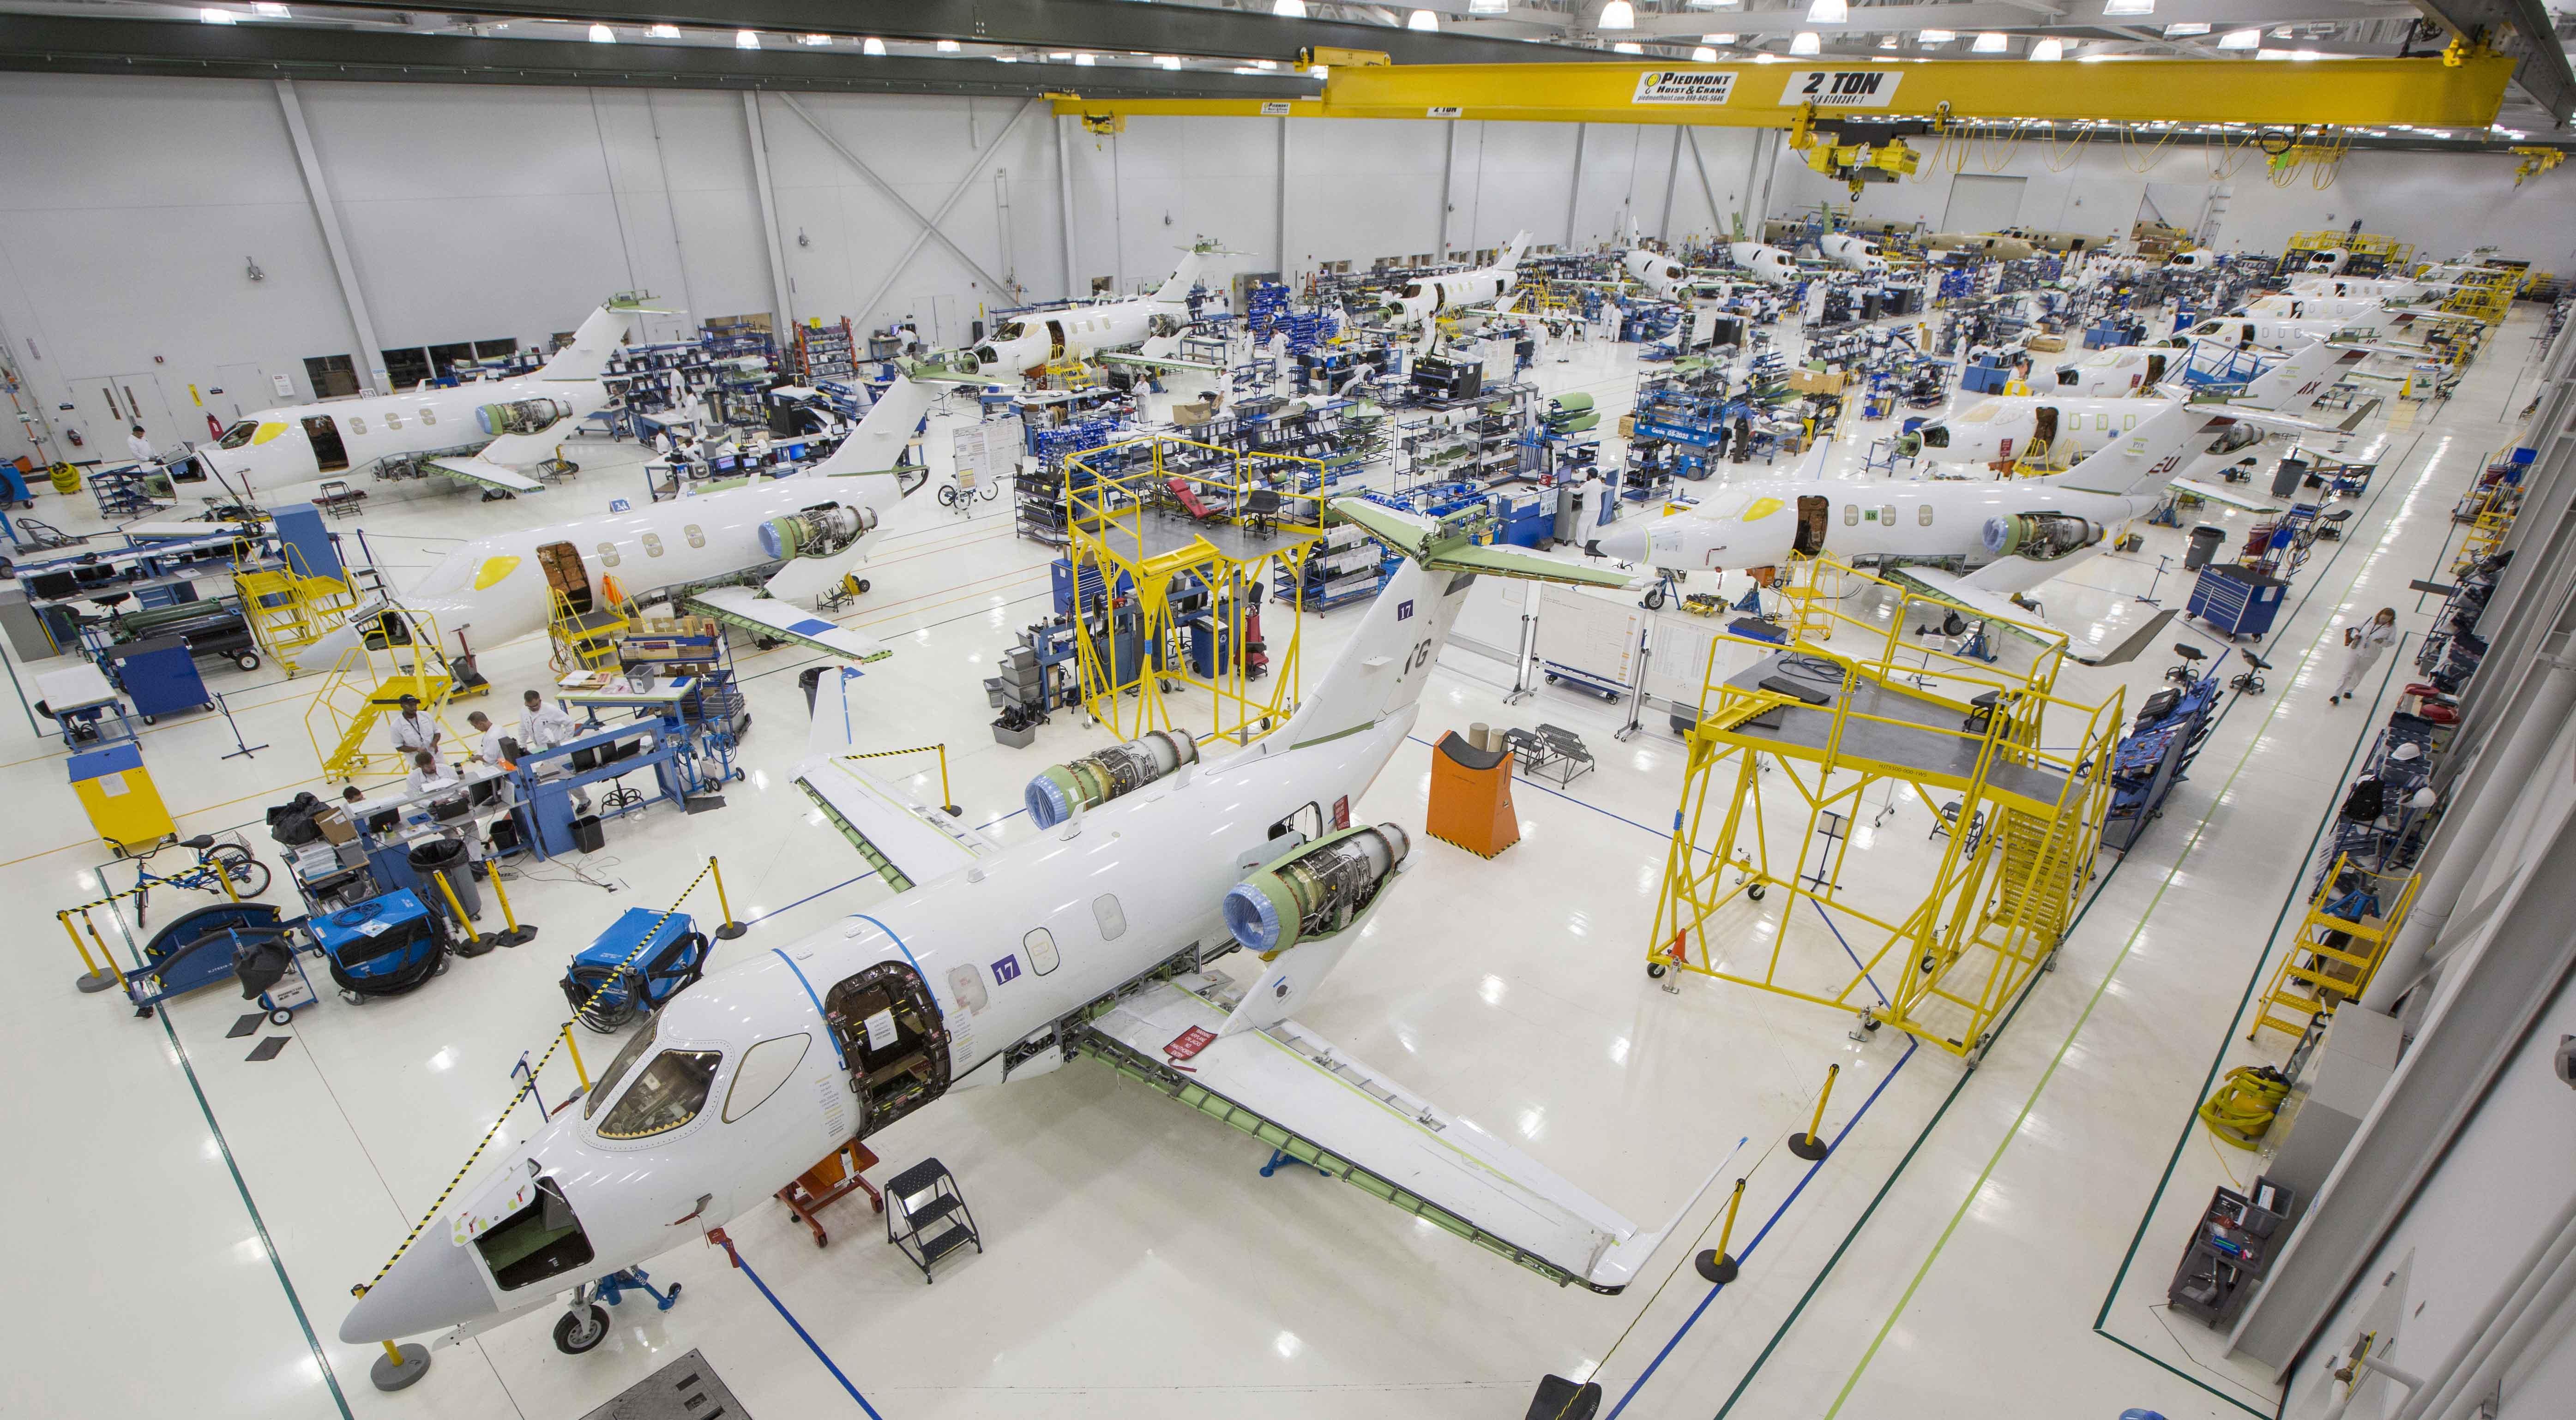 HondaJet assembly line